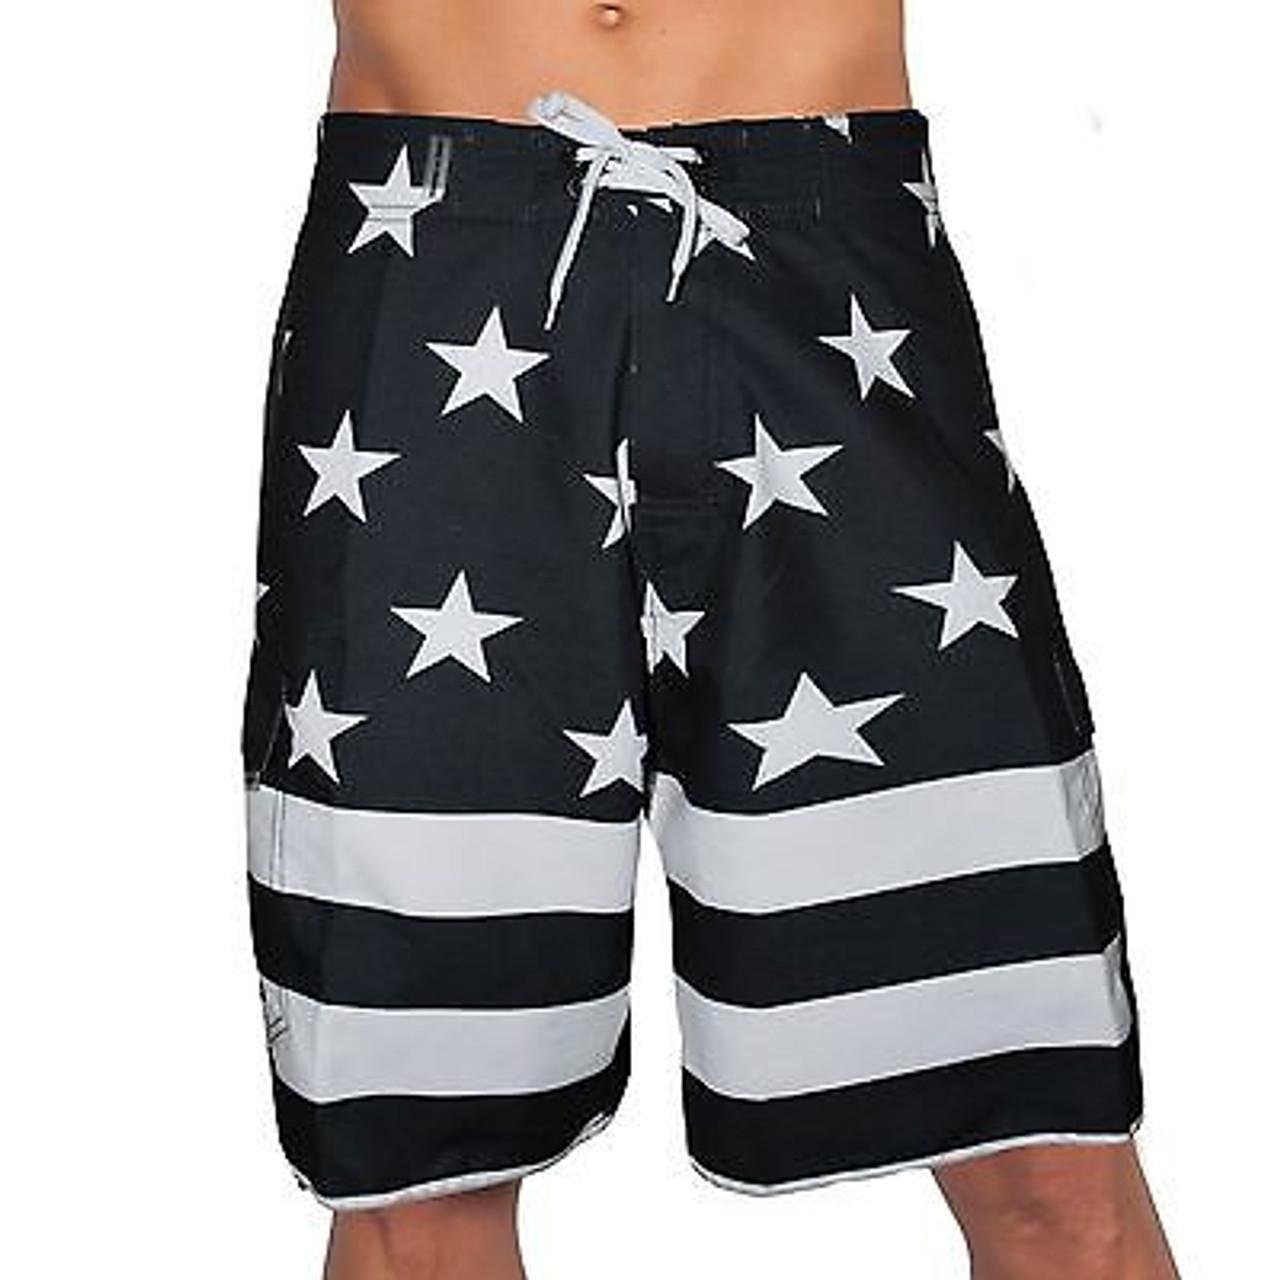 f866bd651500 Usa American Black Flag Patriotic Board Shorts Freedom Army America Swim  Trunks